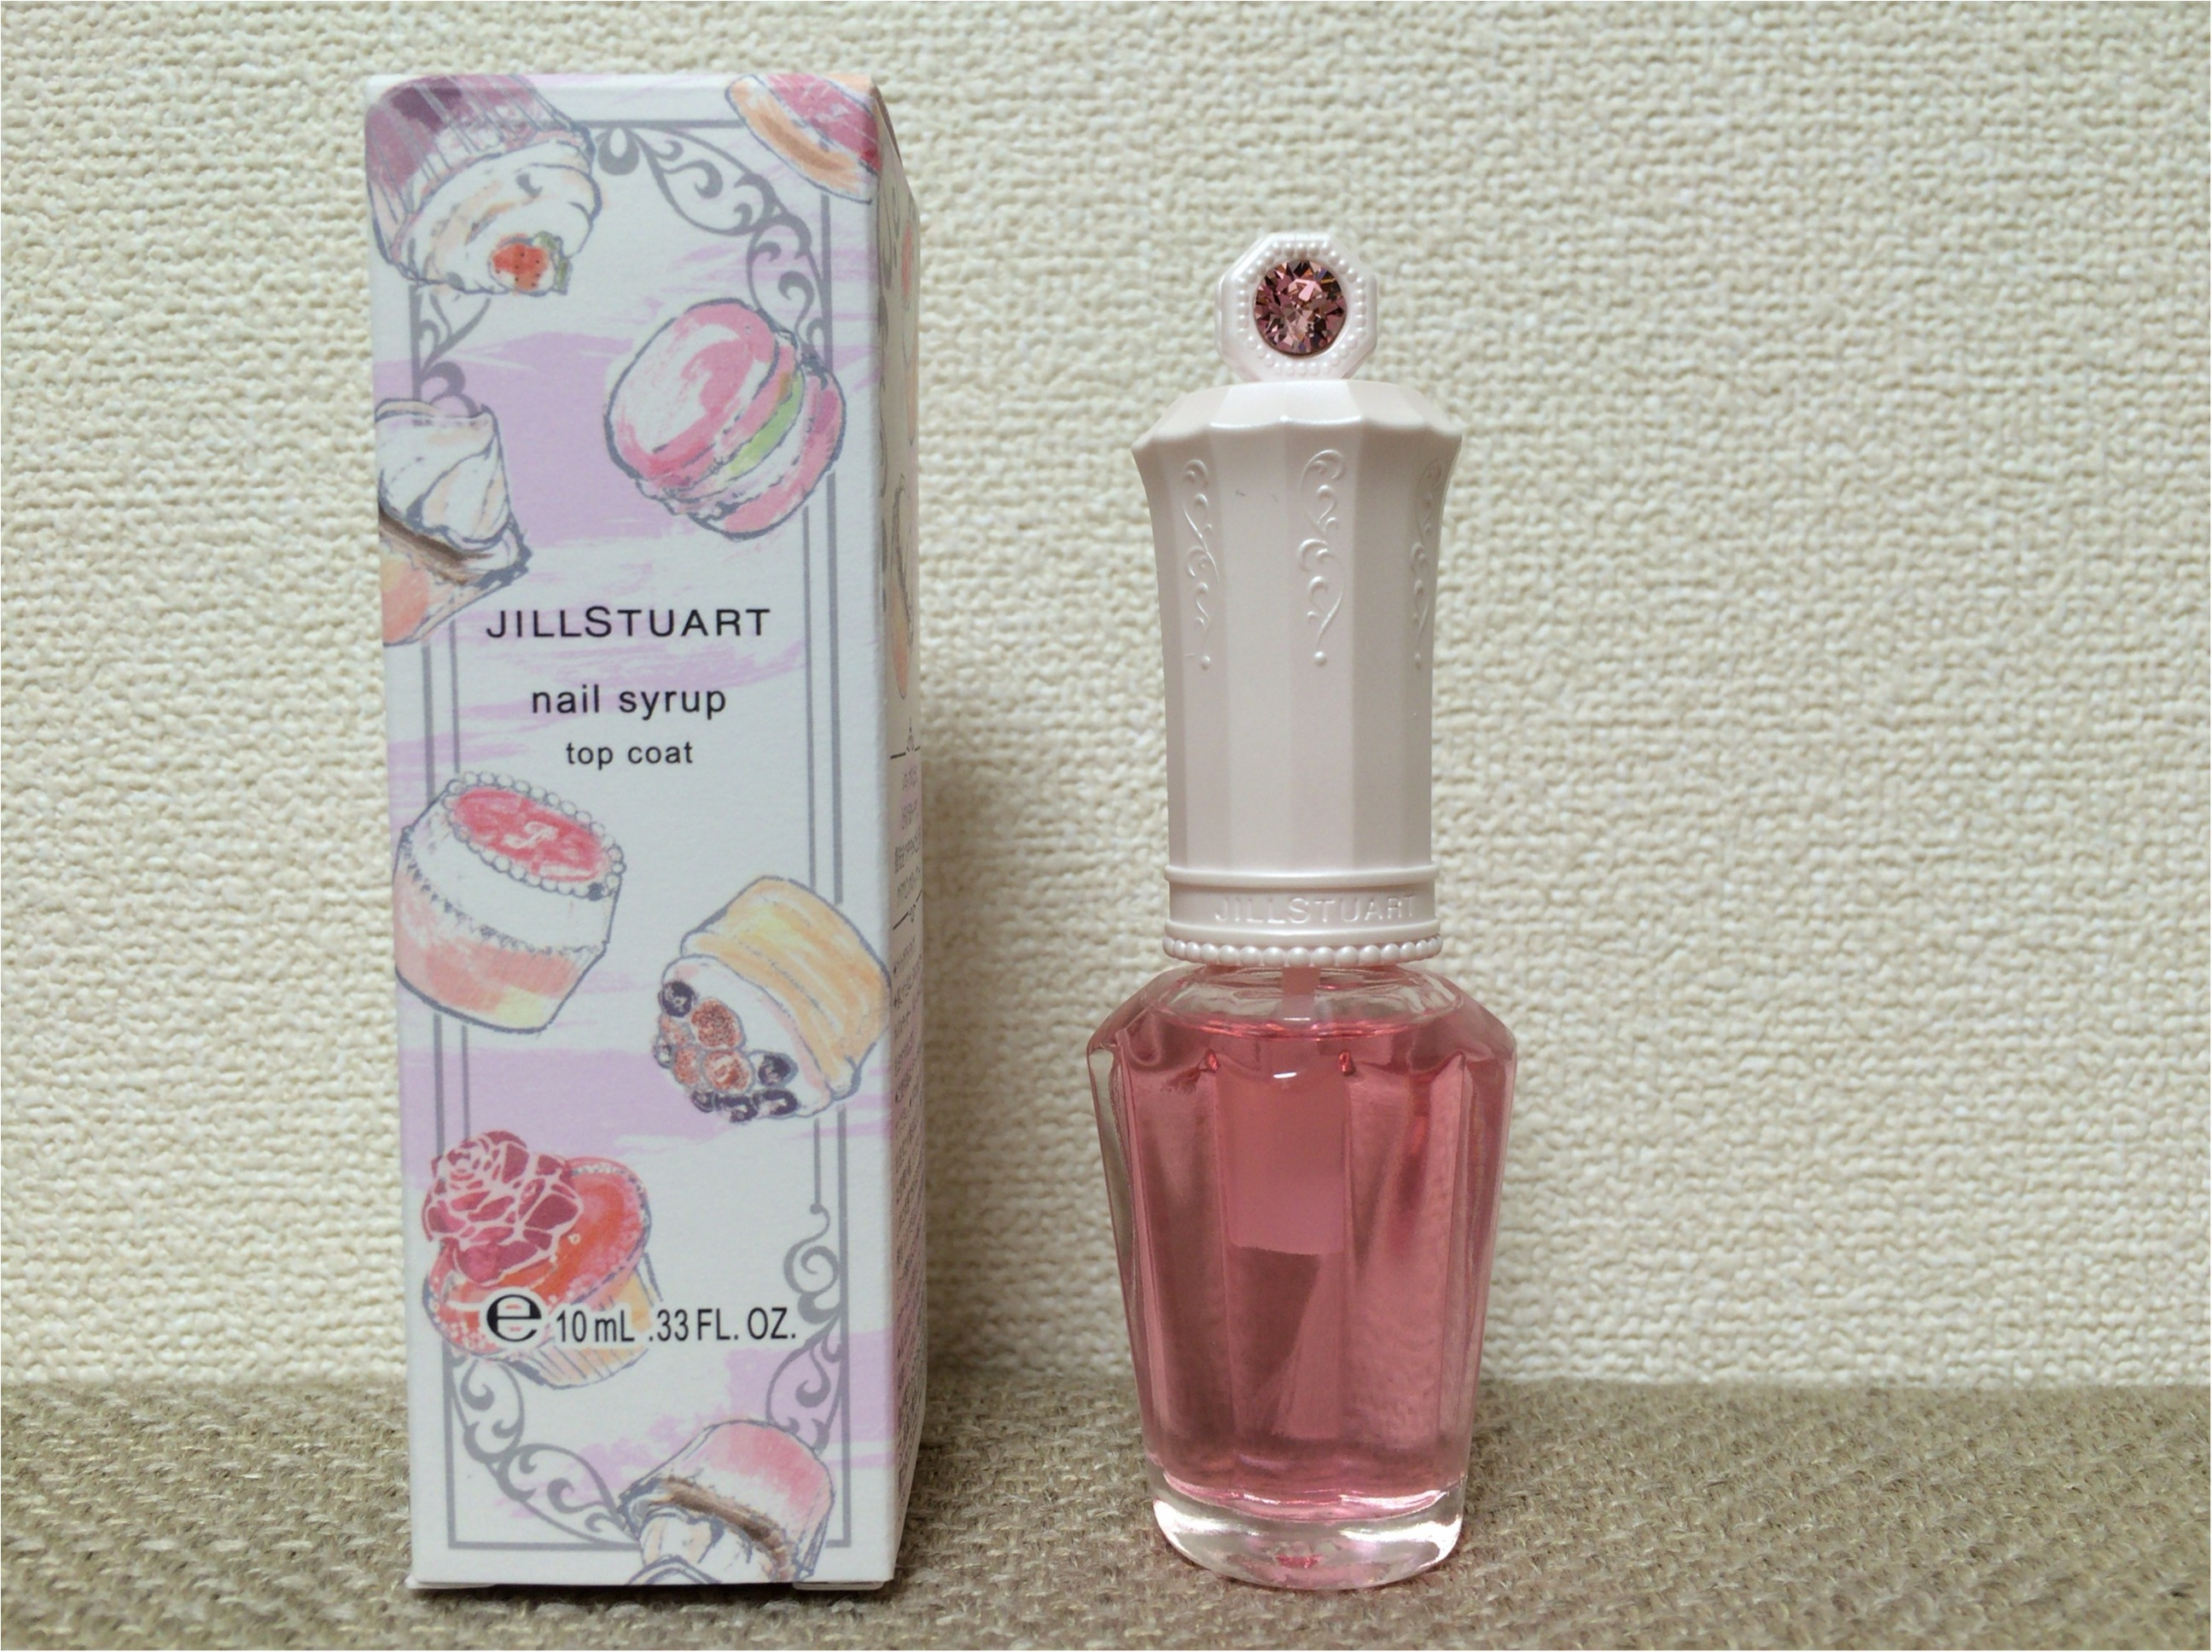 【ジル春コレ】まるで、ストロベリーシロップ♡なピンクが可愛すぎ!限定《トップコート》_4